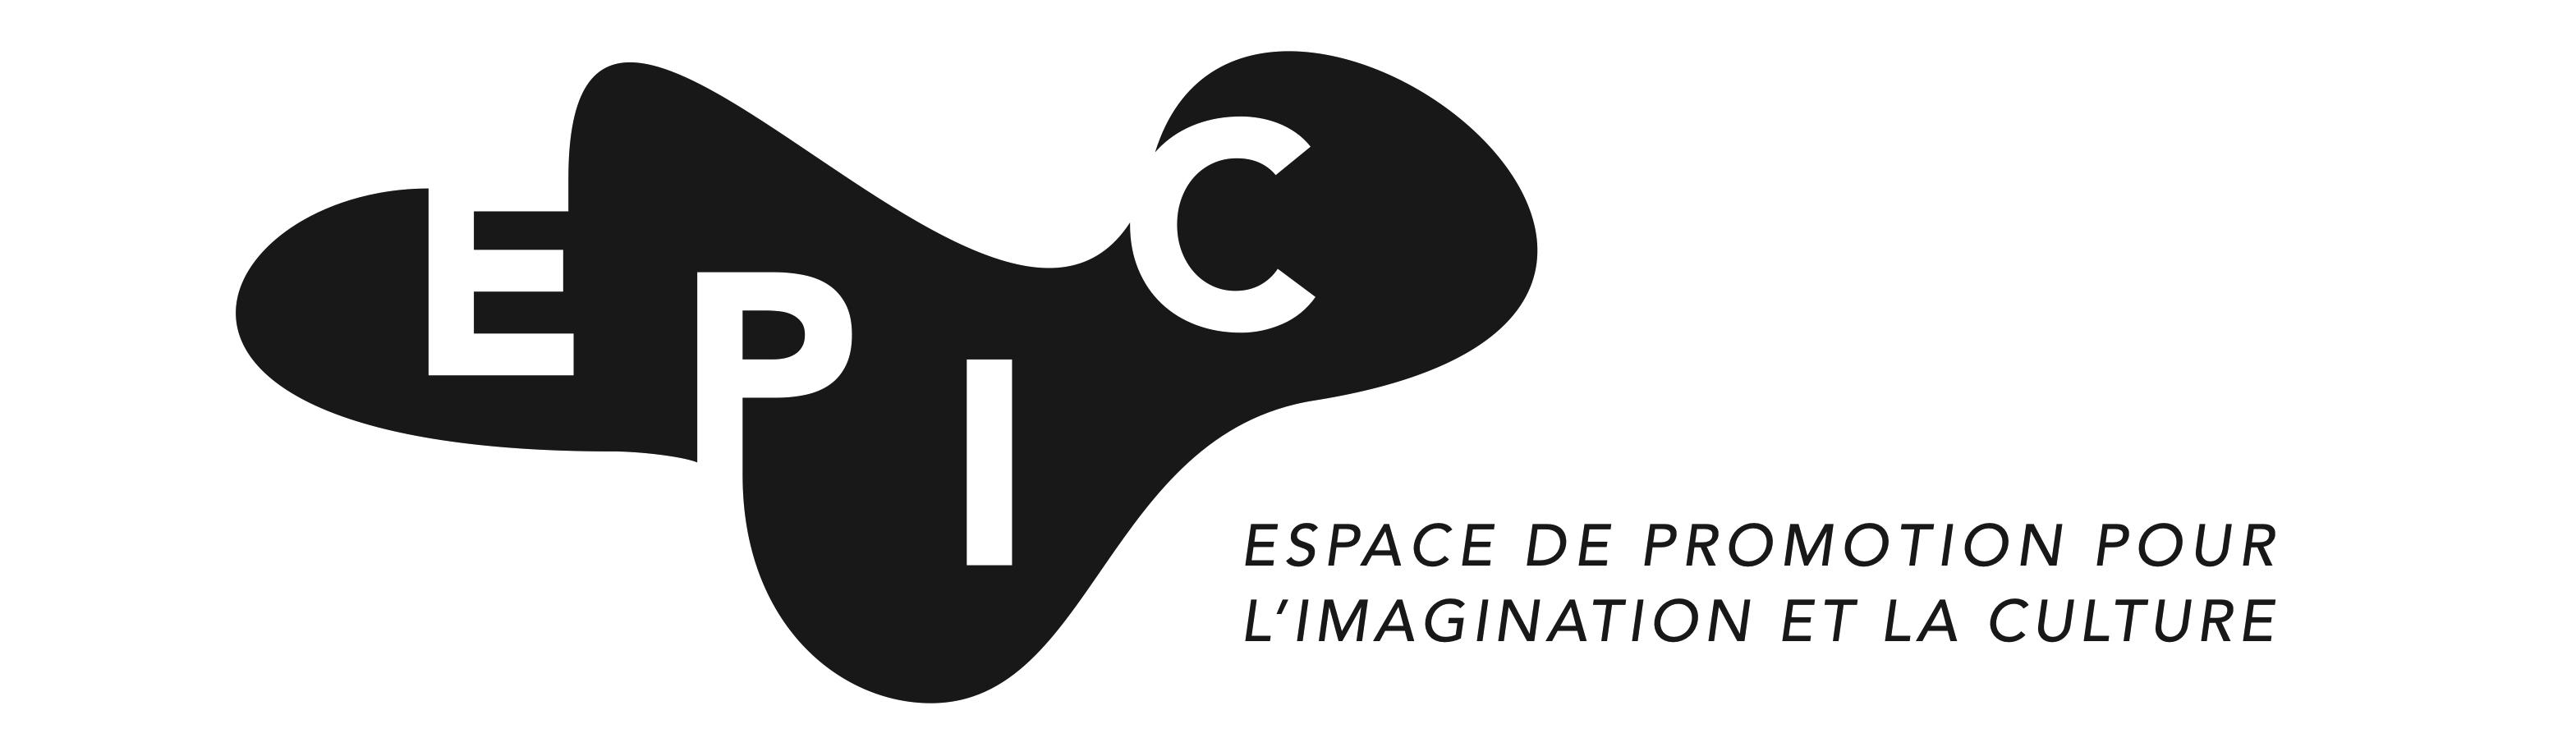 EPIC Magazine - Espace de promotion pour l'imagination et la culture